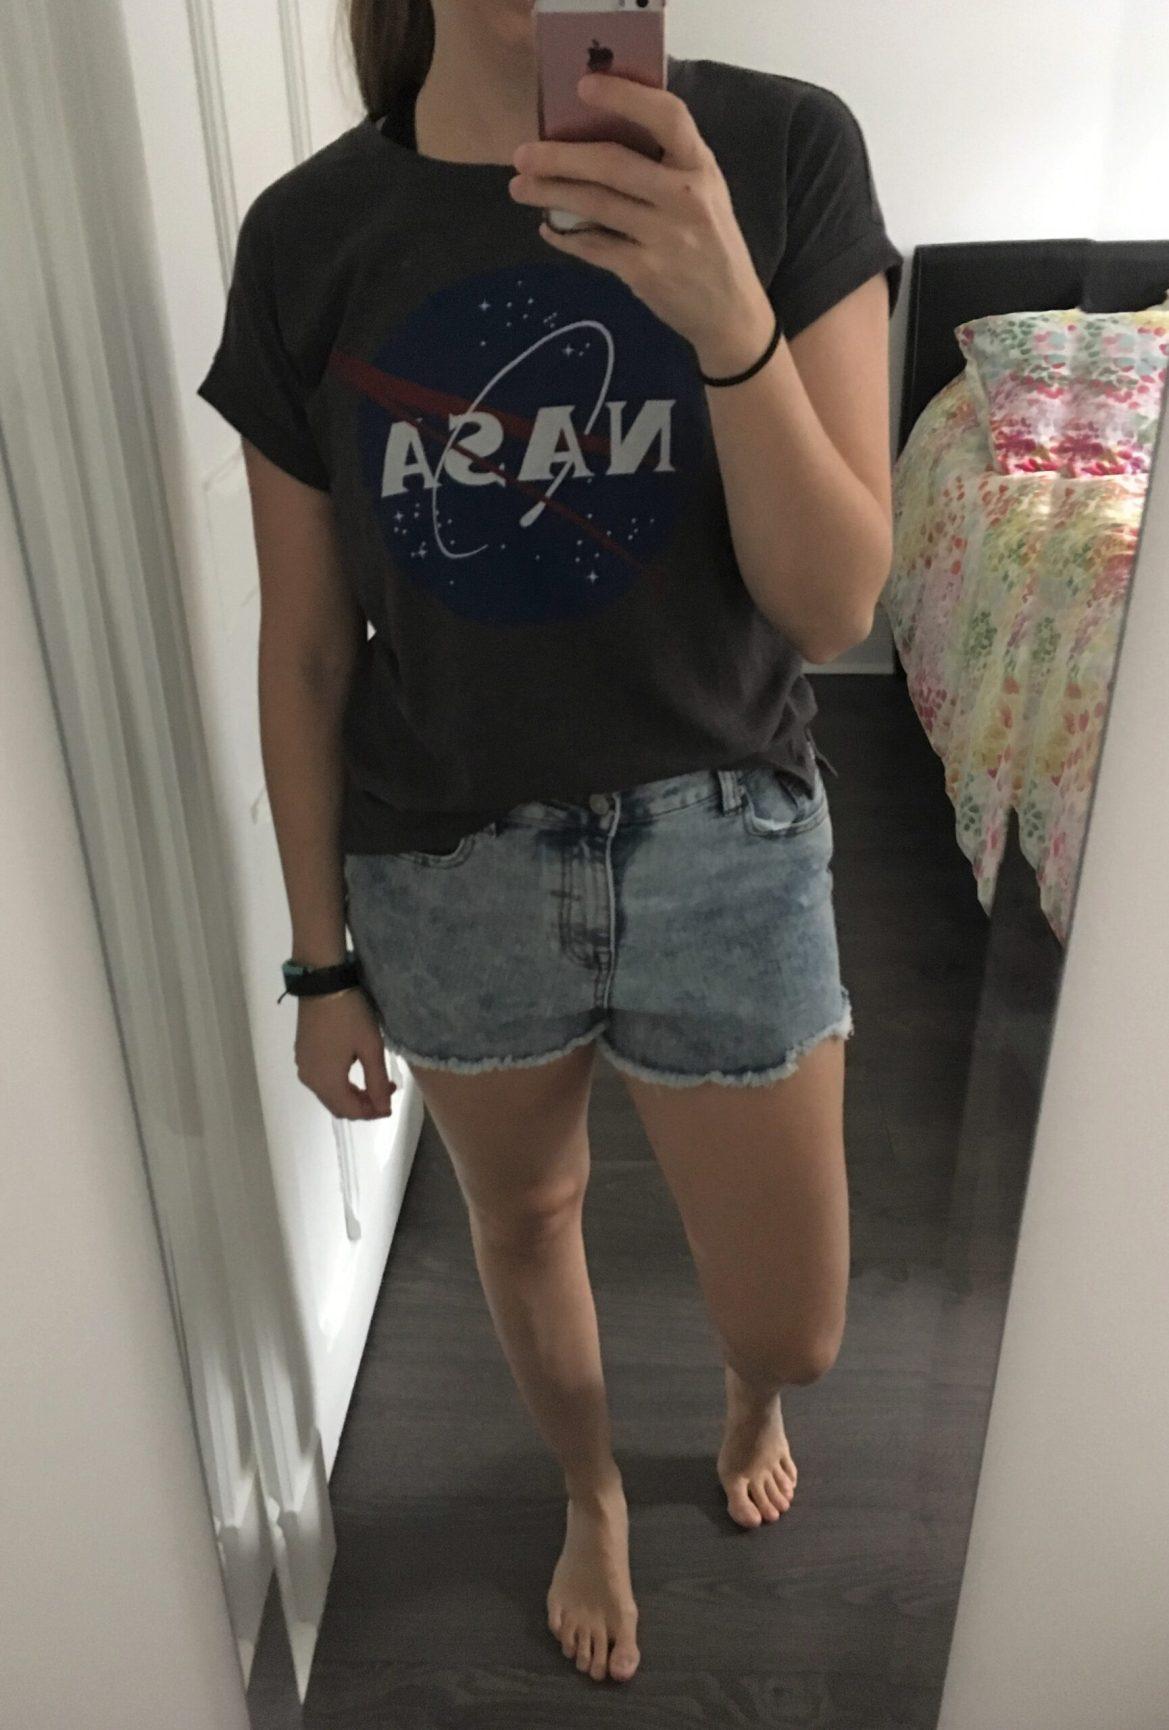 T-shirt NASA, 6,95$ et shorts coupées, 6,95$